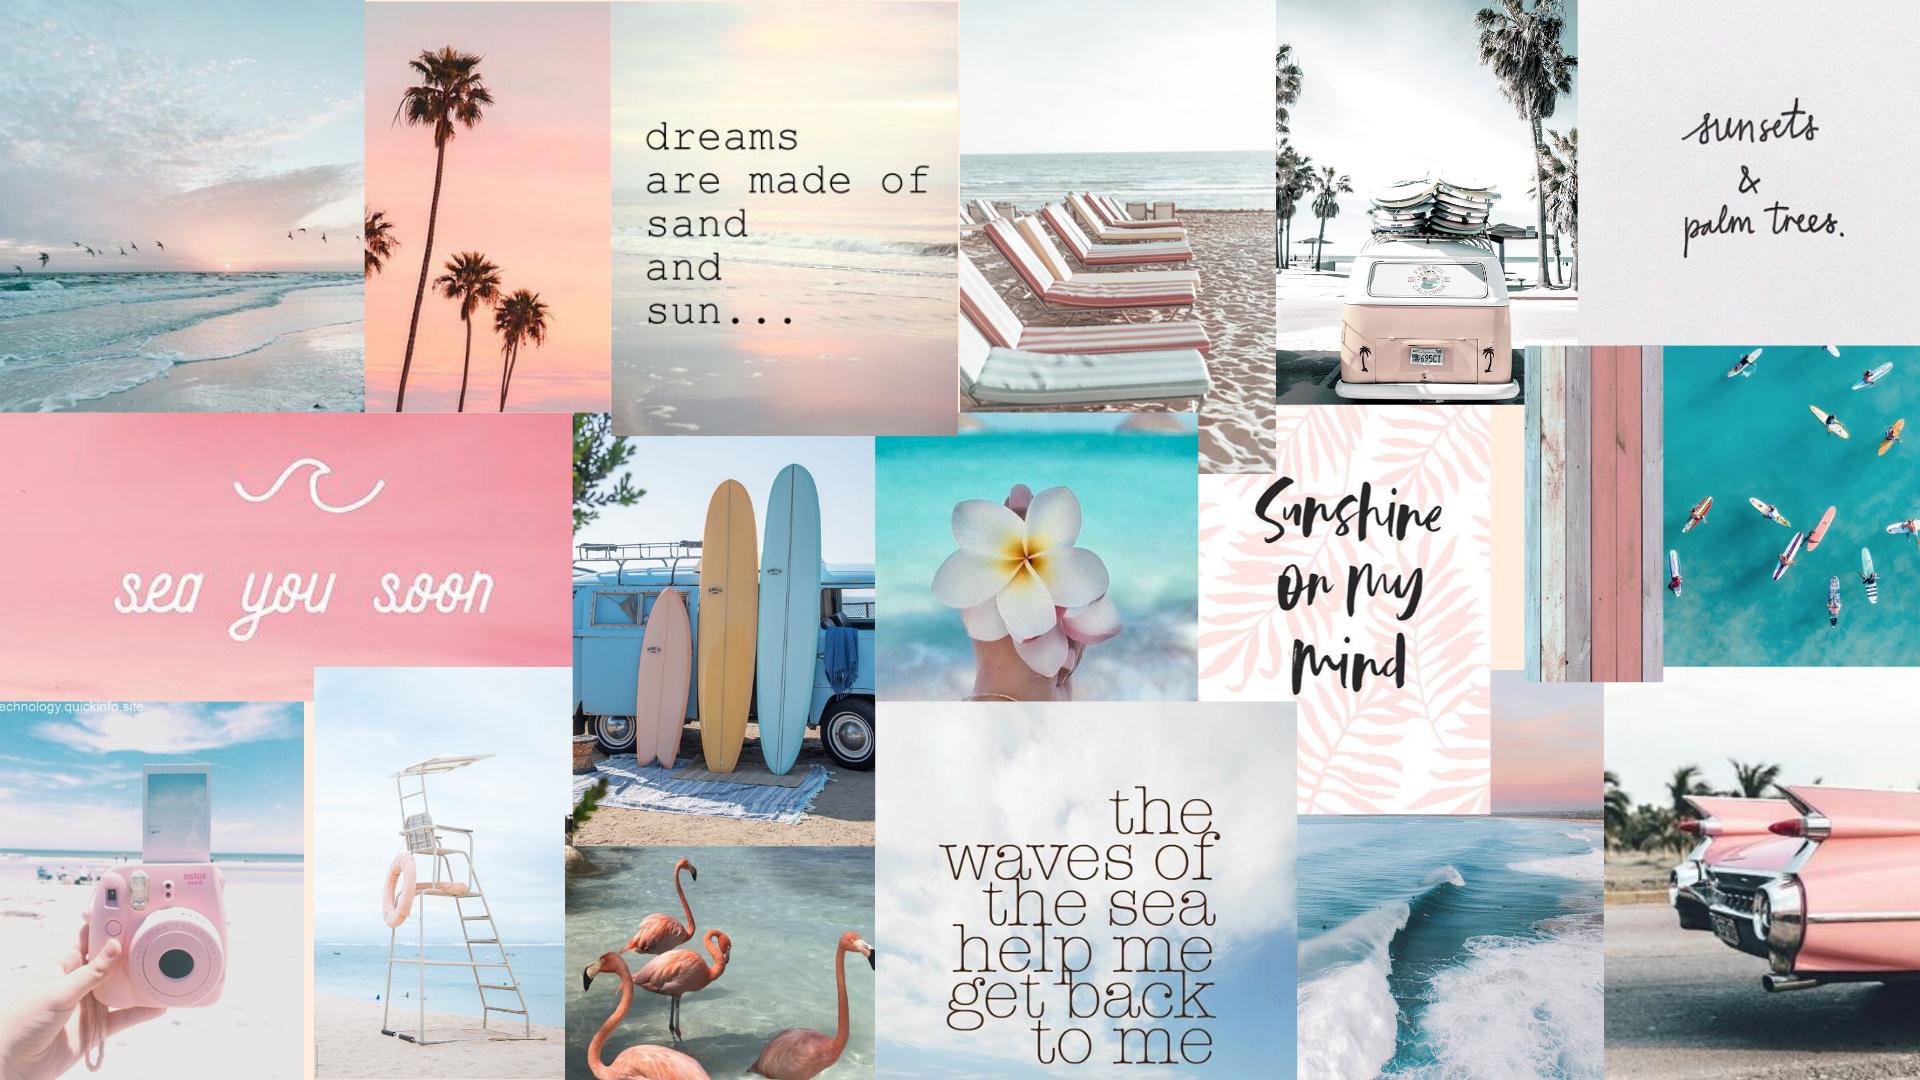 Summer Beach Vibes Wallpaper In 2021 Computer Wallpaper Desktop Wallpapers Aesthetic Desktop Wallpaper Cute Desktop Wallpaper